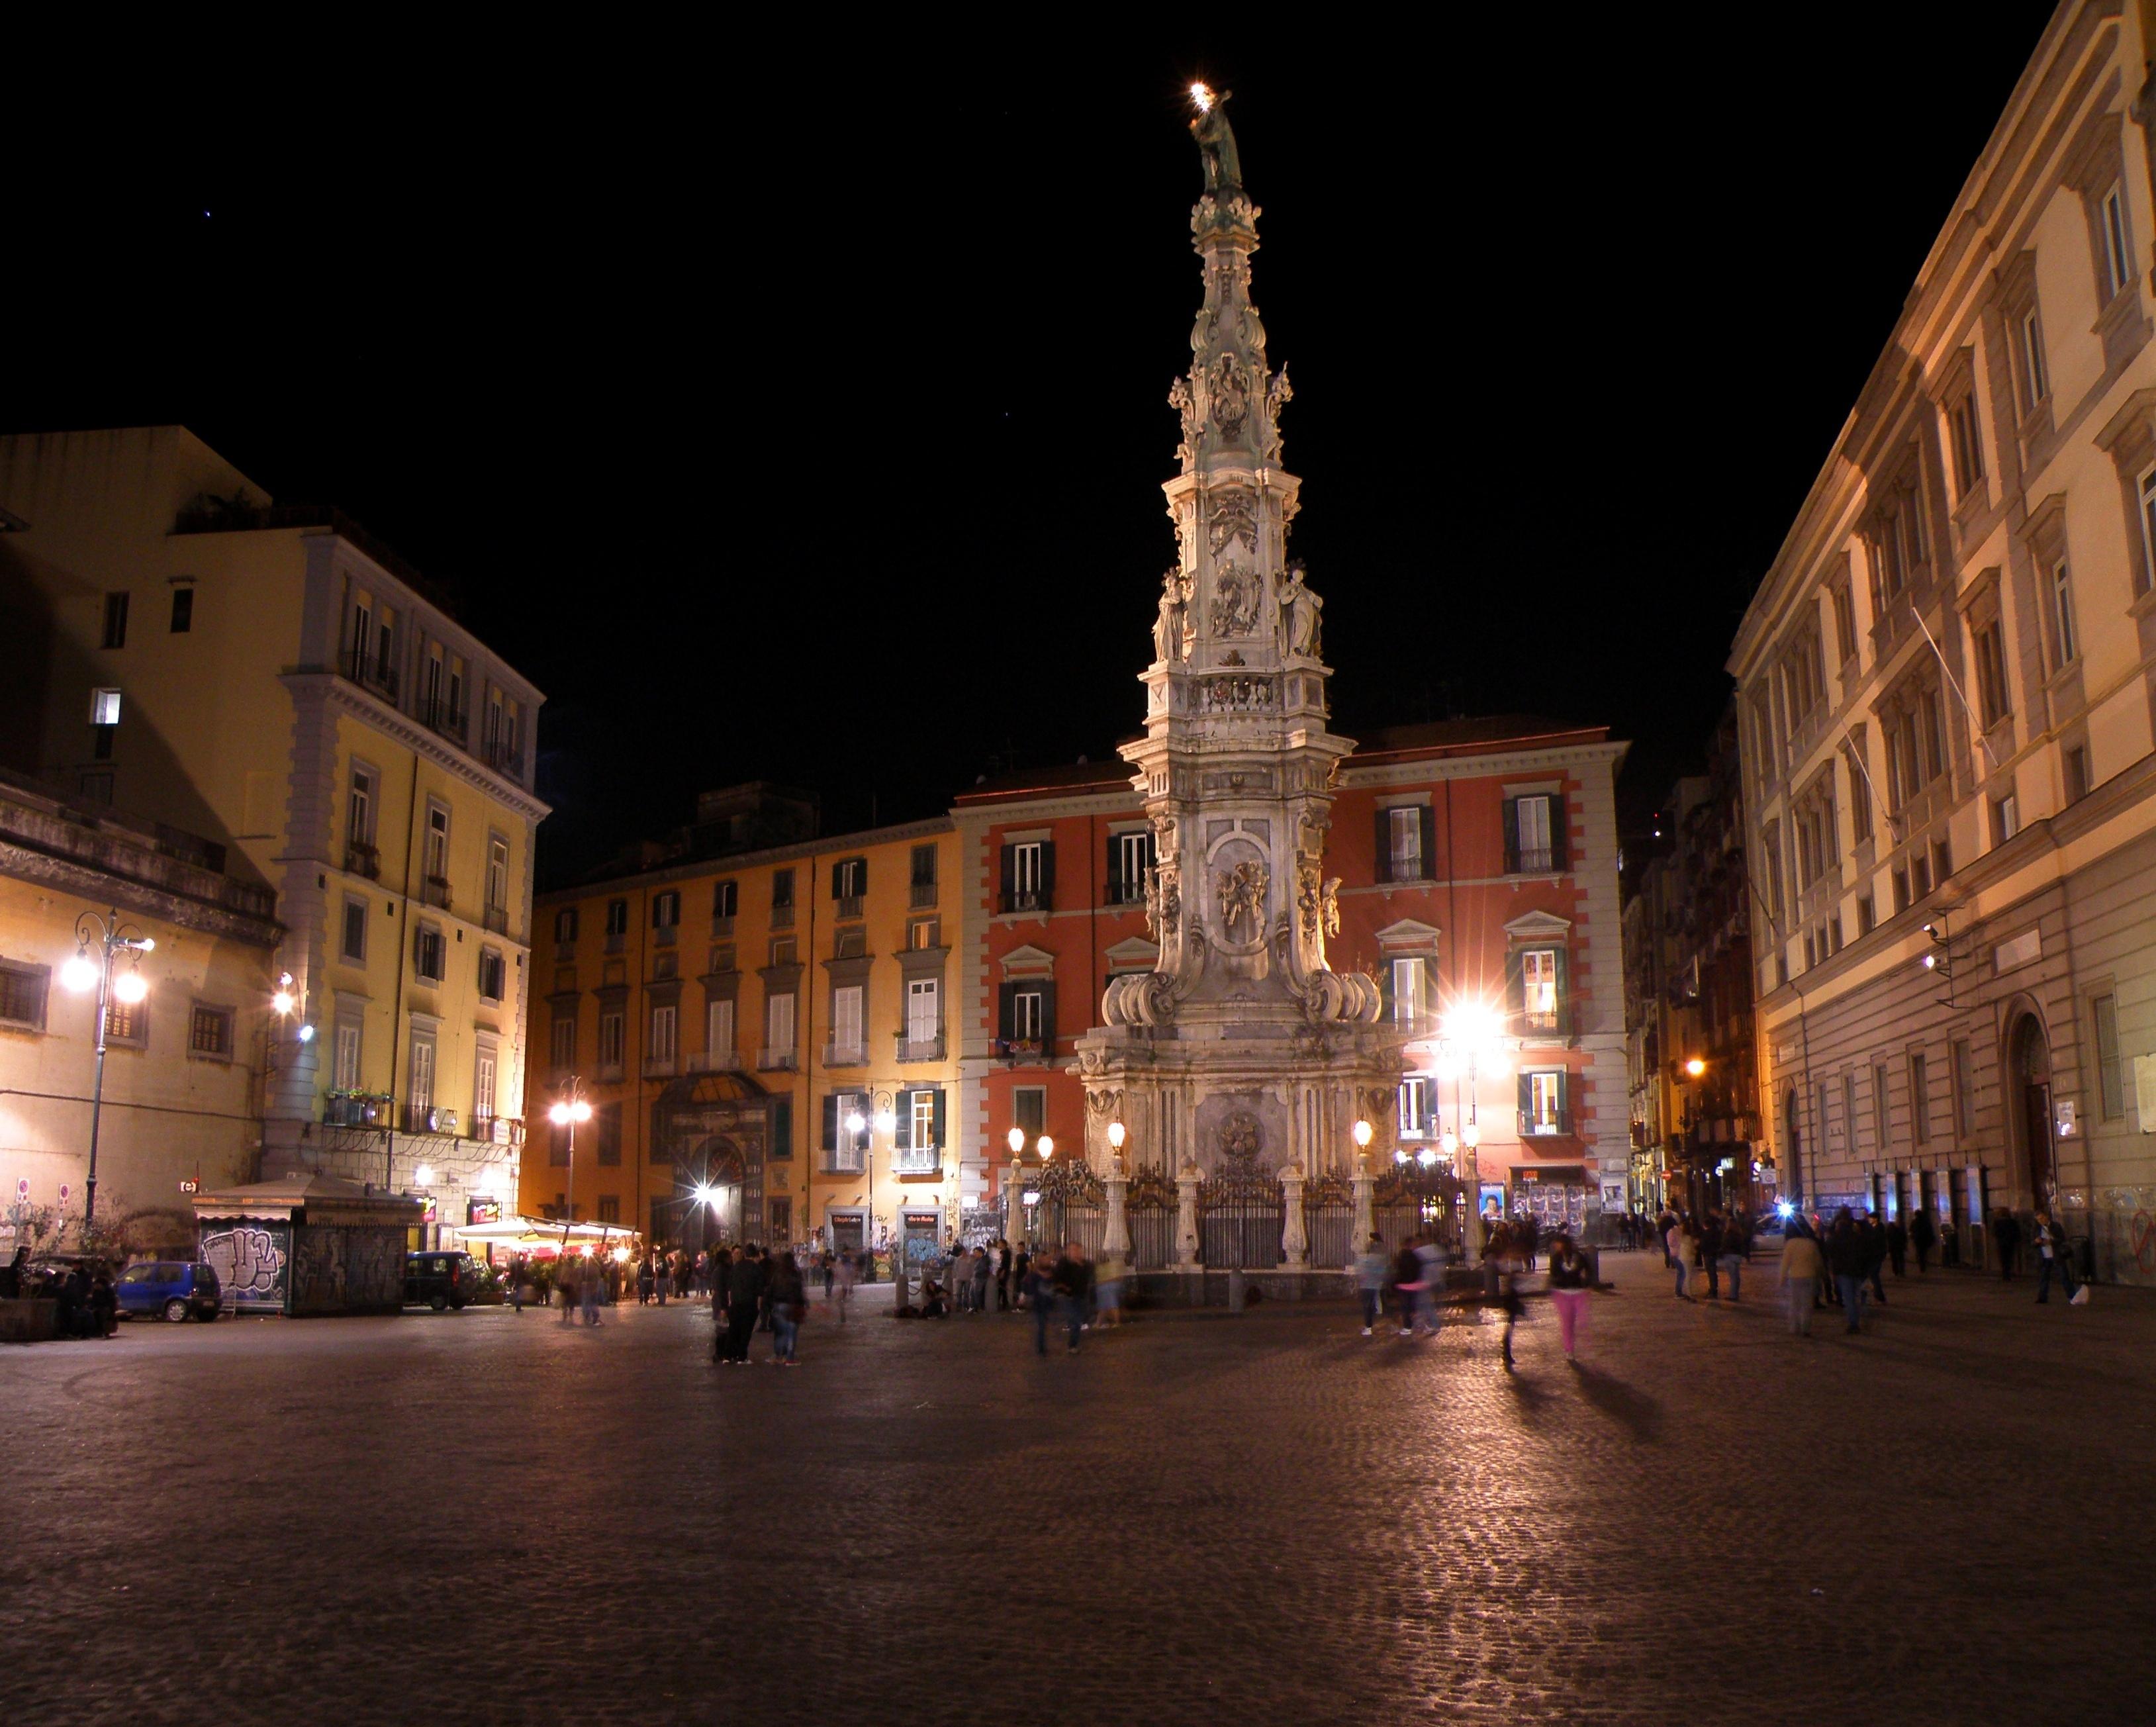 Piazza del Gesù Napoli